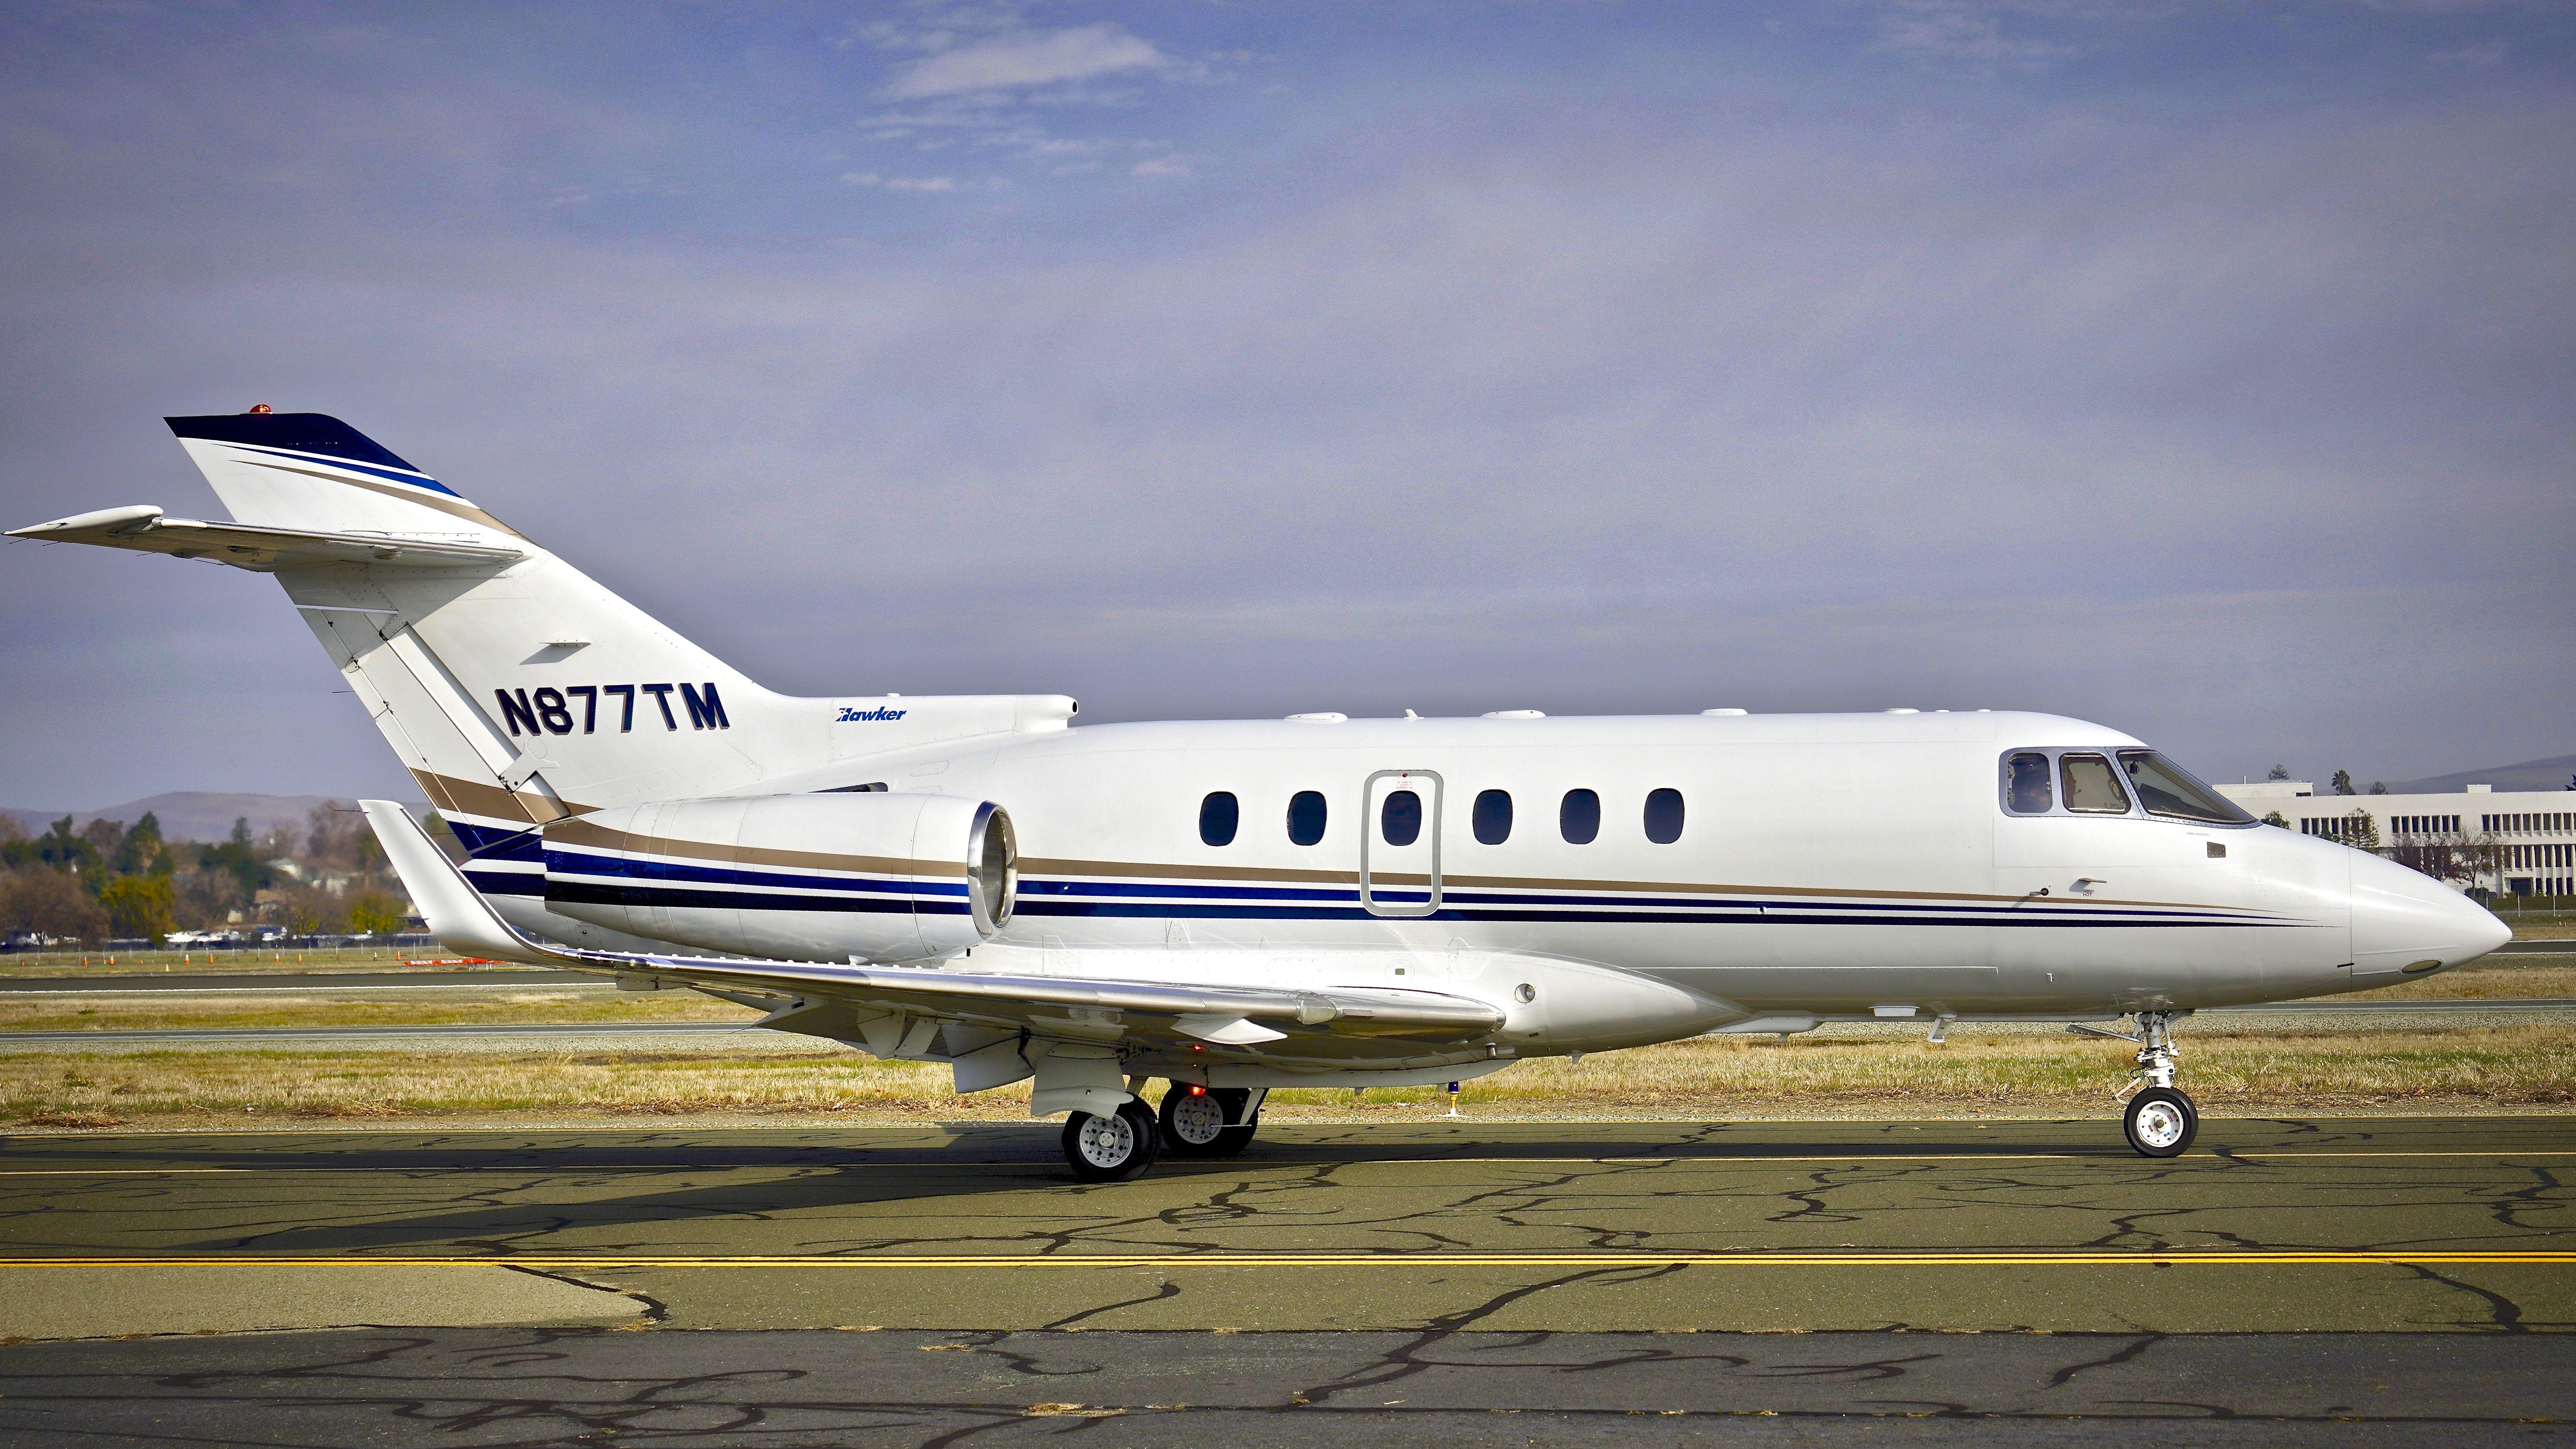 2001 Raytheon Hawker 800XP N877TM c/n 258542 taxiing at